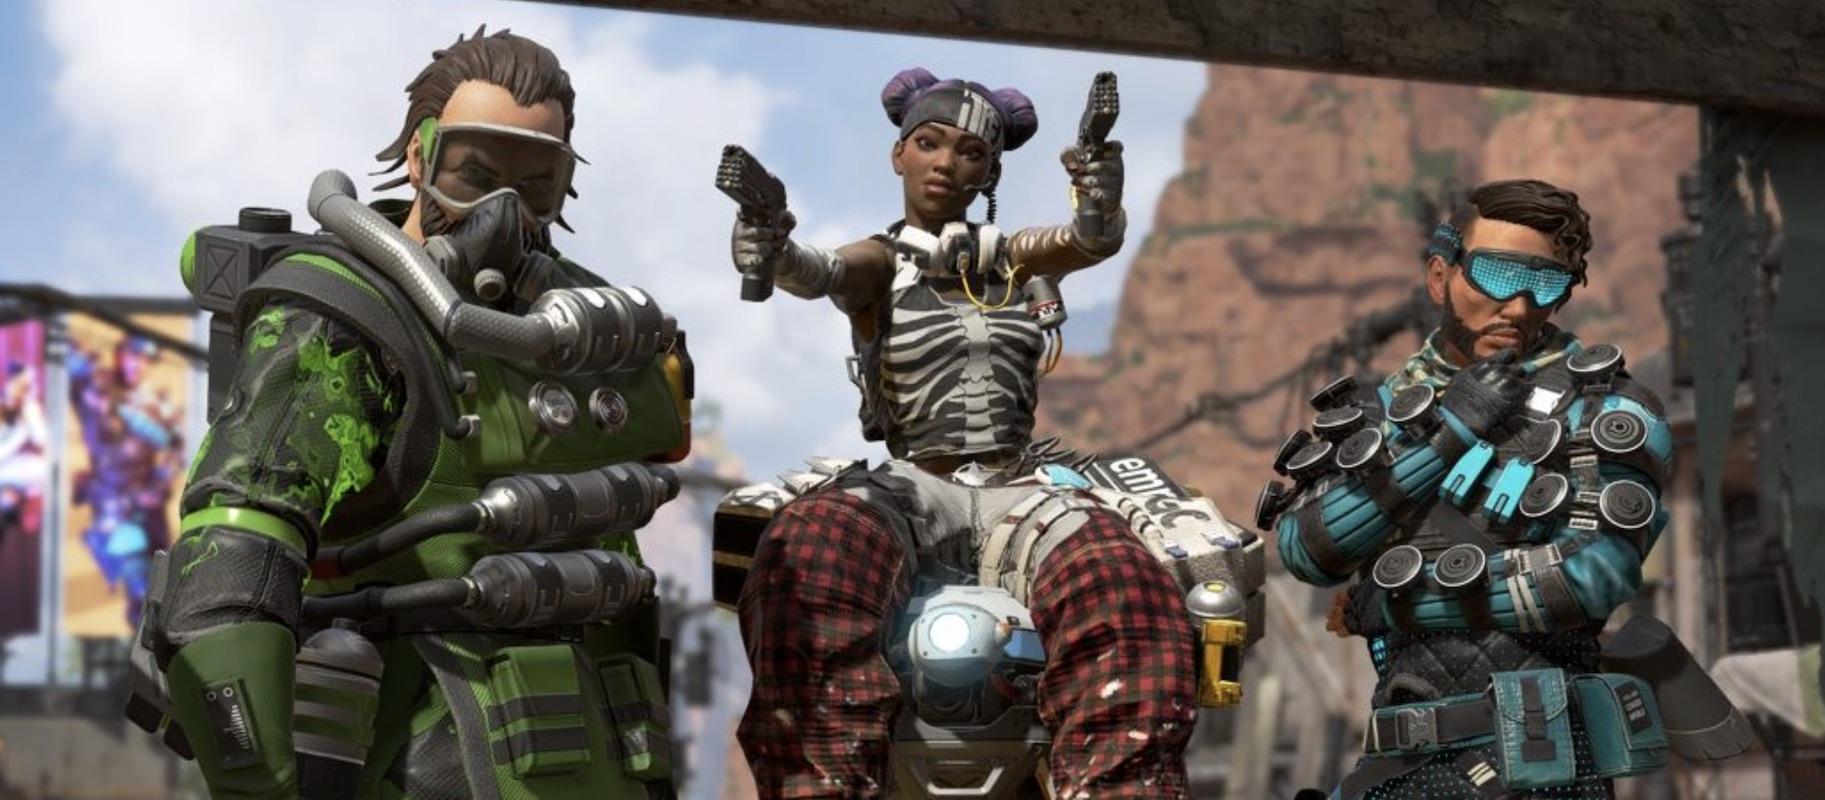 Apex Legends-en mundua hazi egin da.  Battle royale Steam eta Switch bideo-jokoen moduarekin